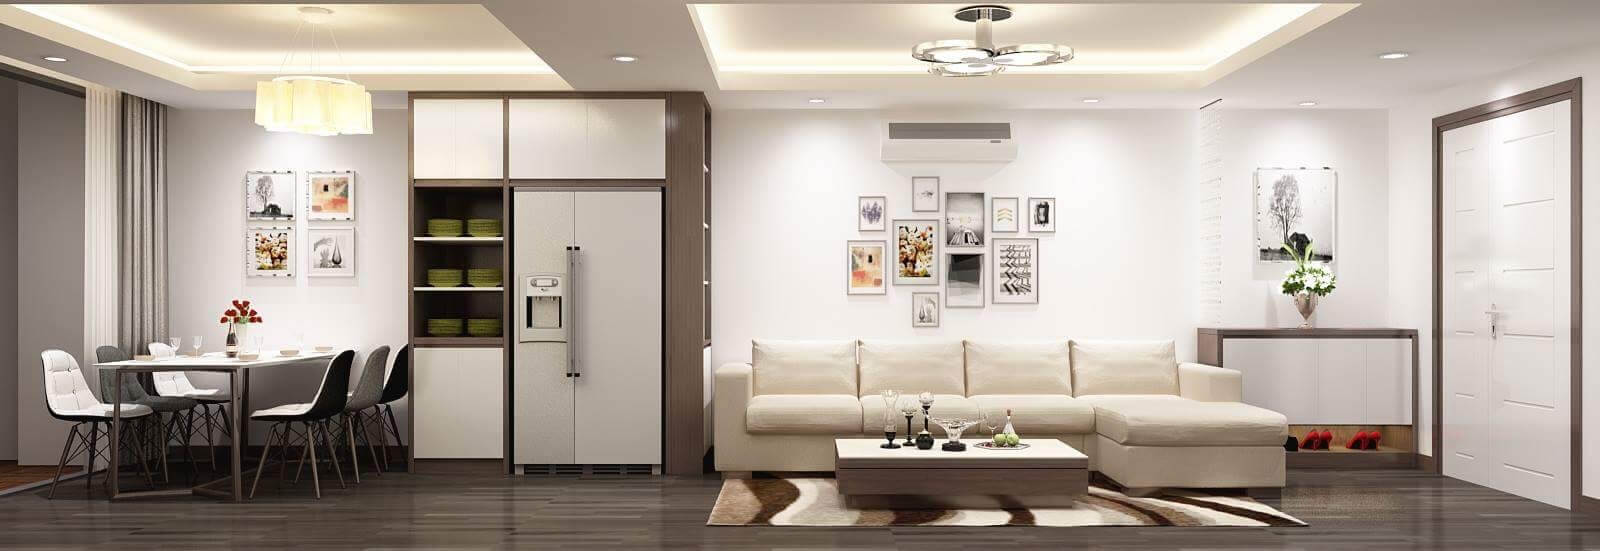 Thiết kế căn hộ hiện đại và đầy đủ tiện nghi